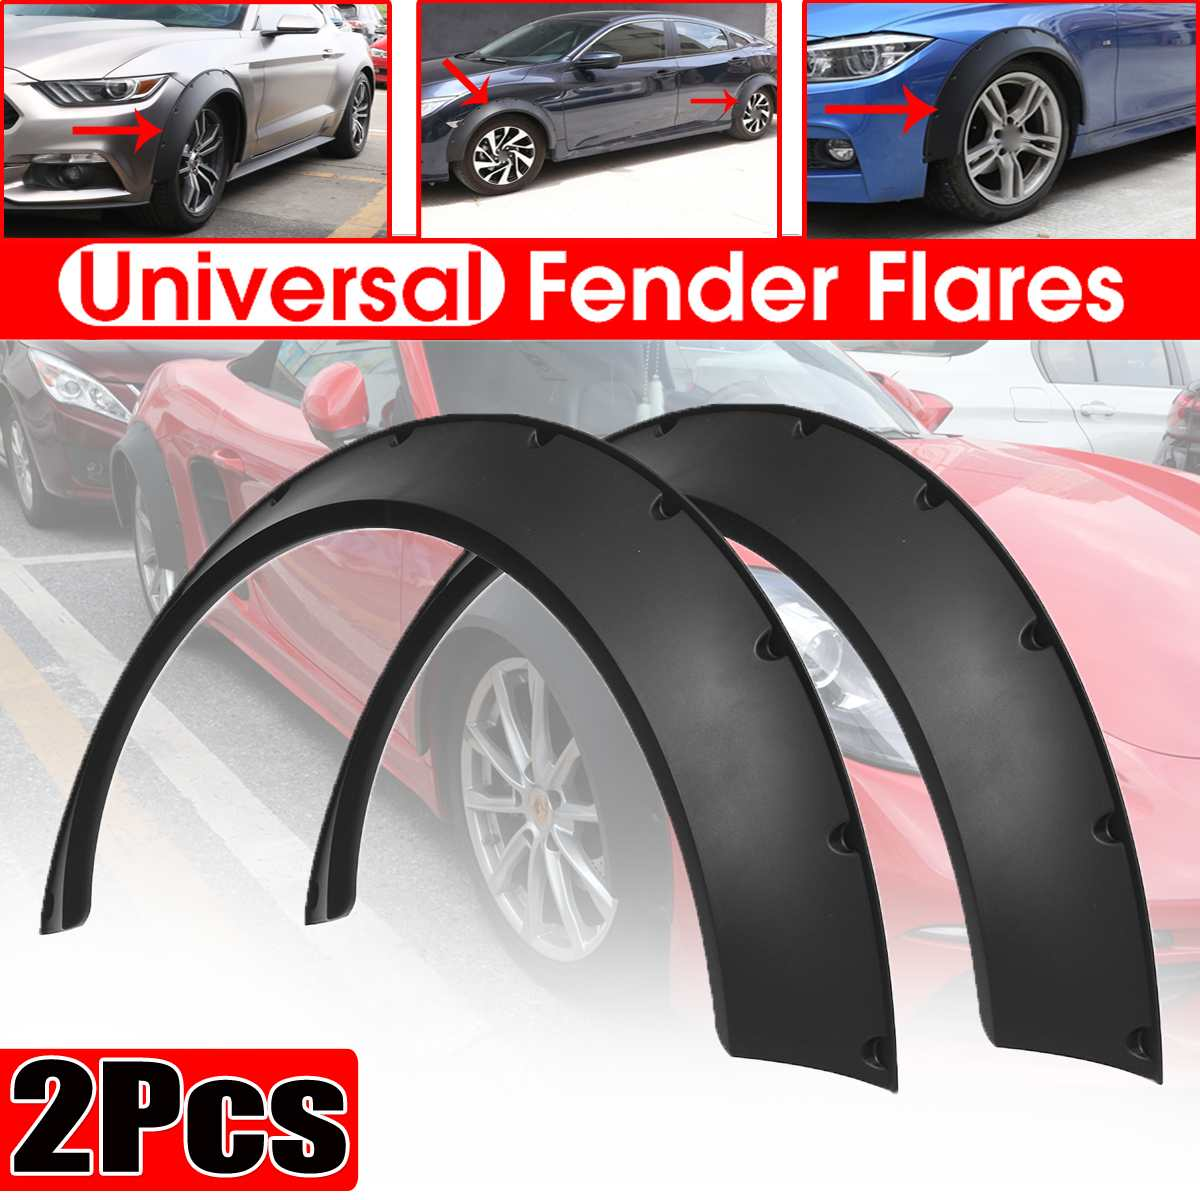 Voiture universelle 2 pièces pour fusées éclairantes pour voitures Kits de carrosserie Extension de garde-boue pour BMW pour Benz pour Ford